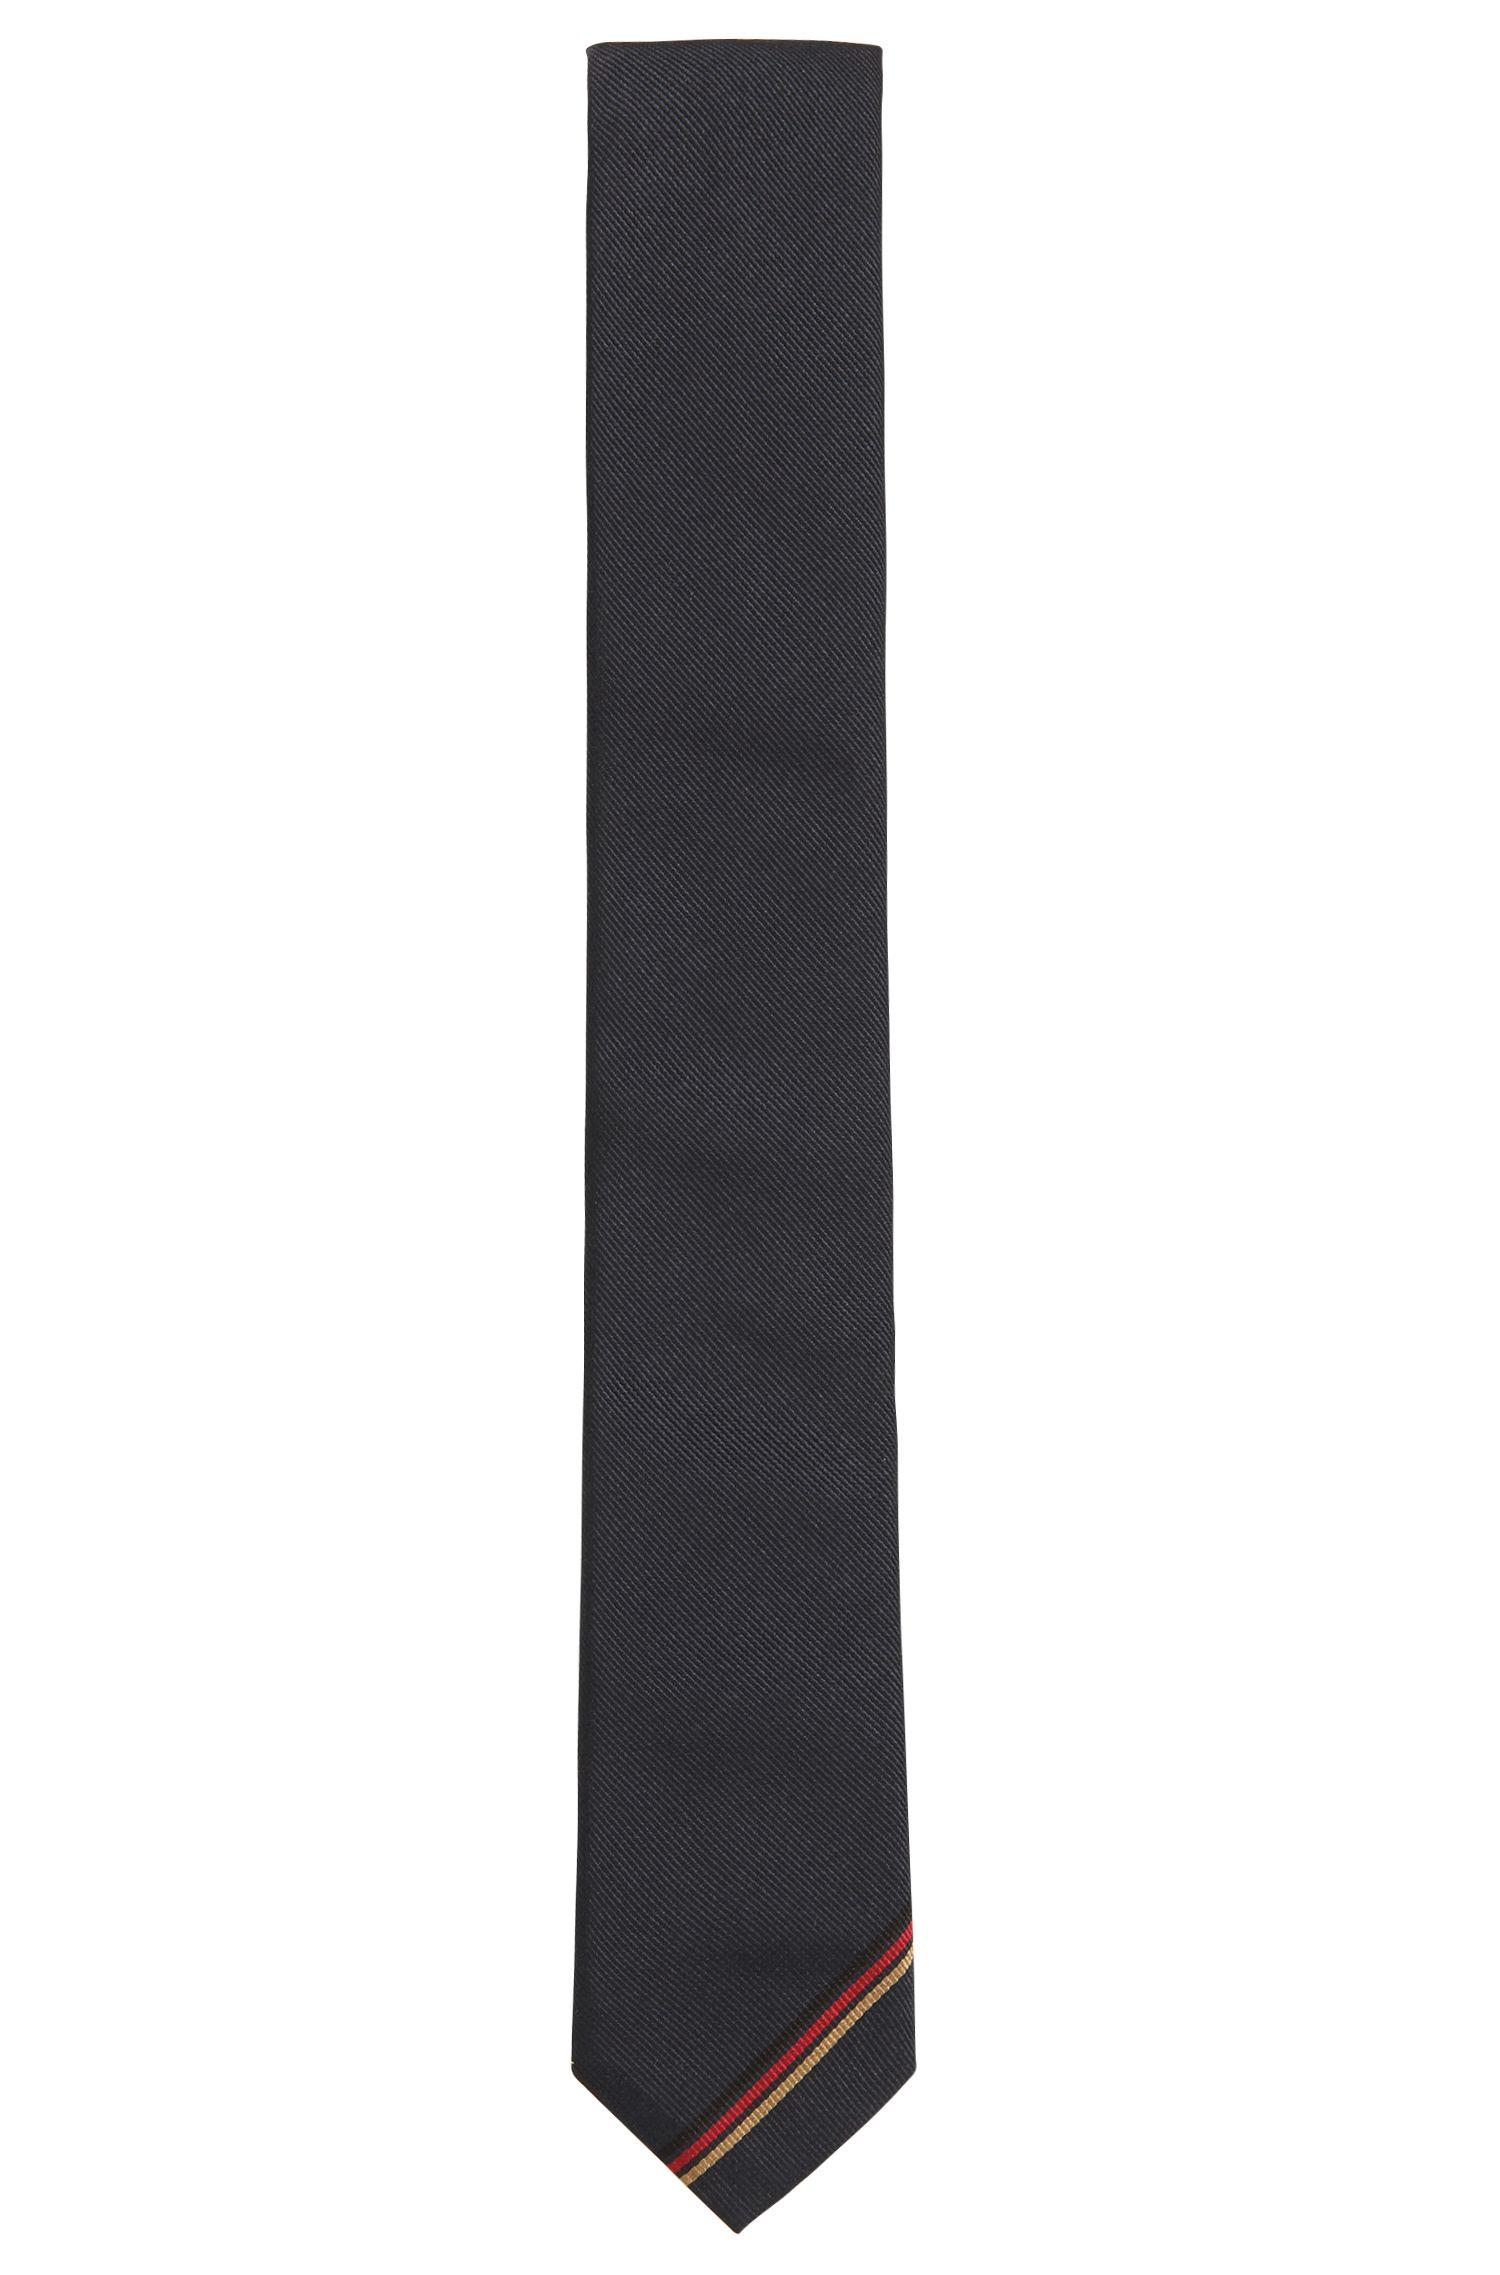 Krawatte aus Seide mit deutscher Flagge, Dunkelblau